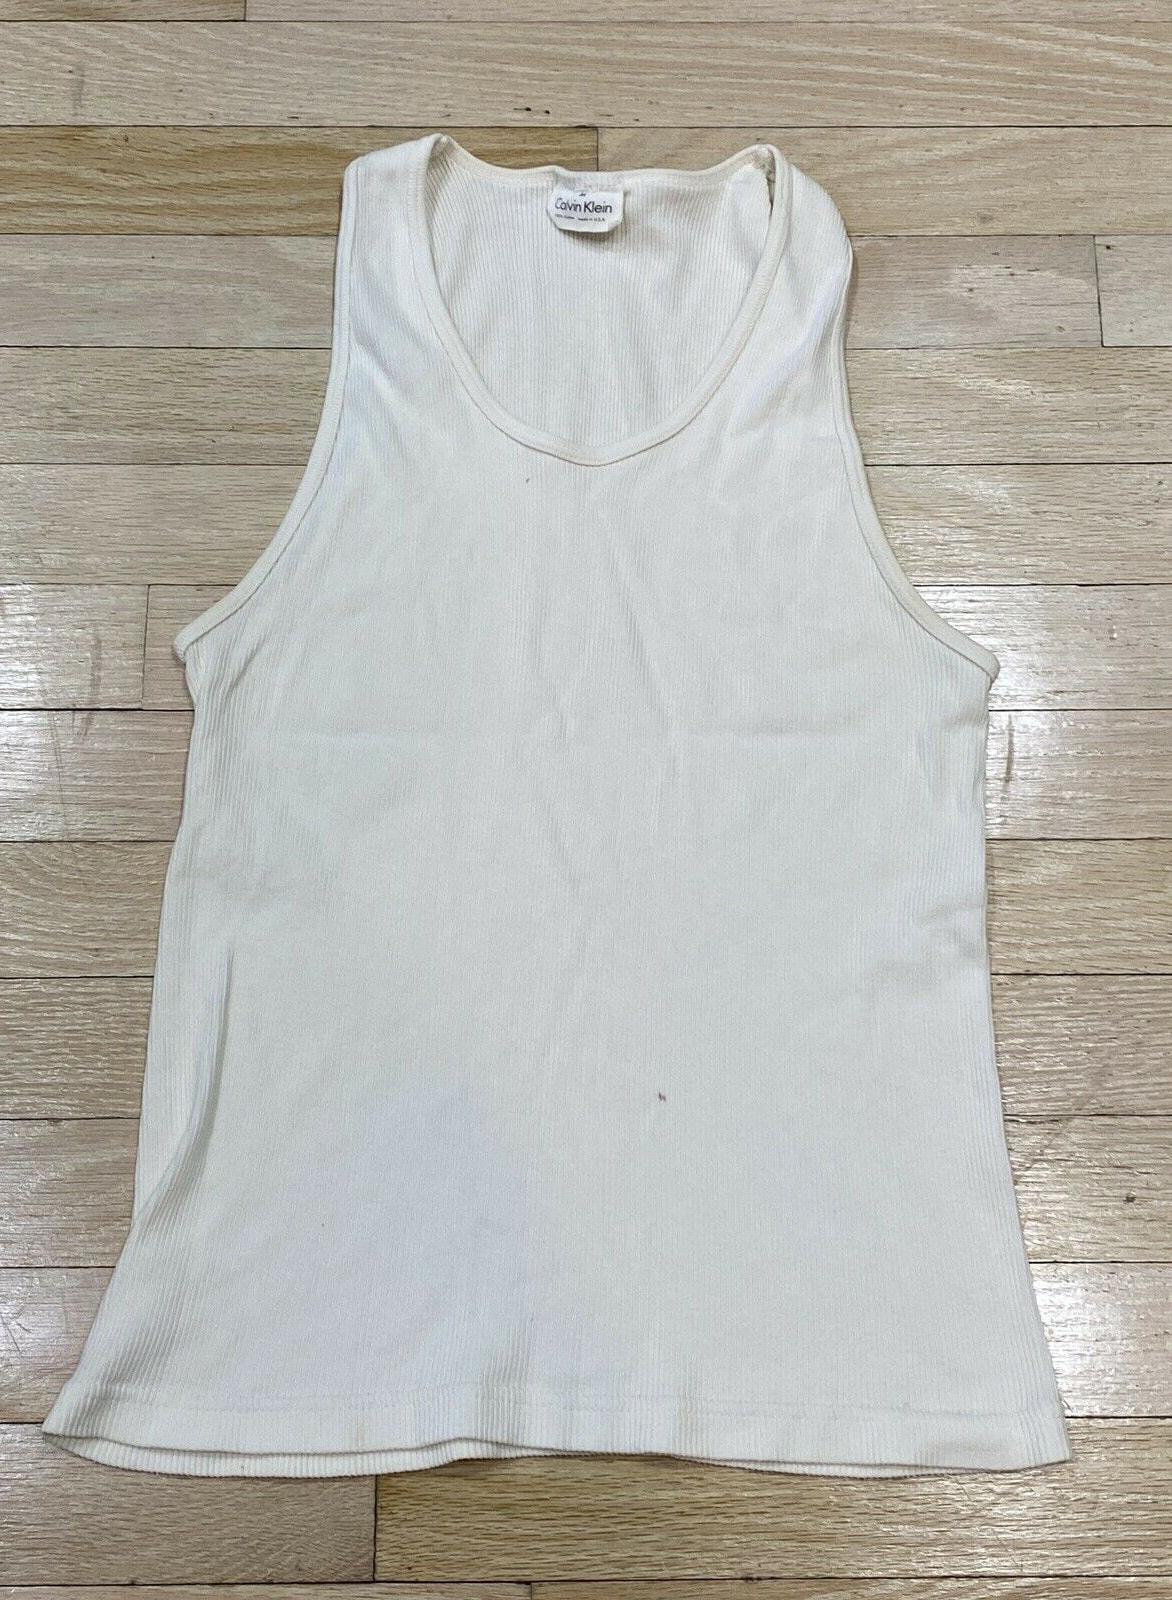 Vintage White Rib Knit Tank